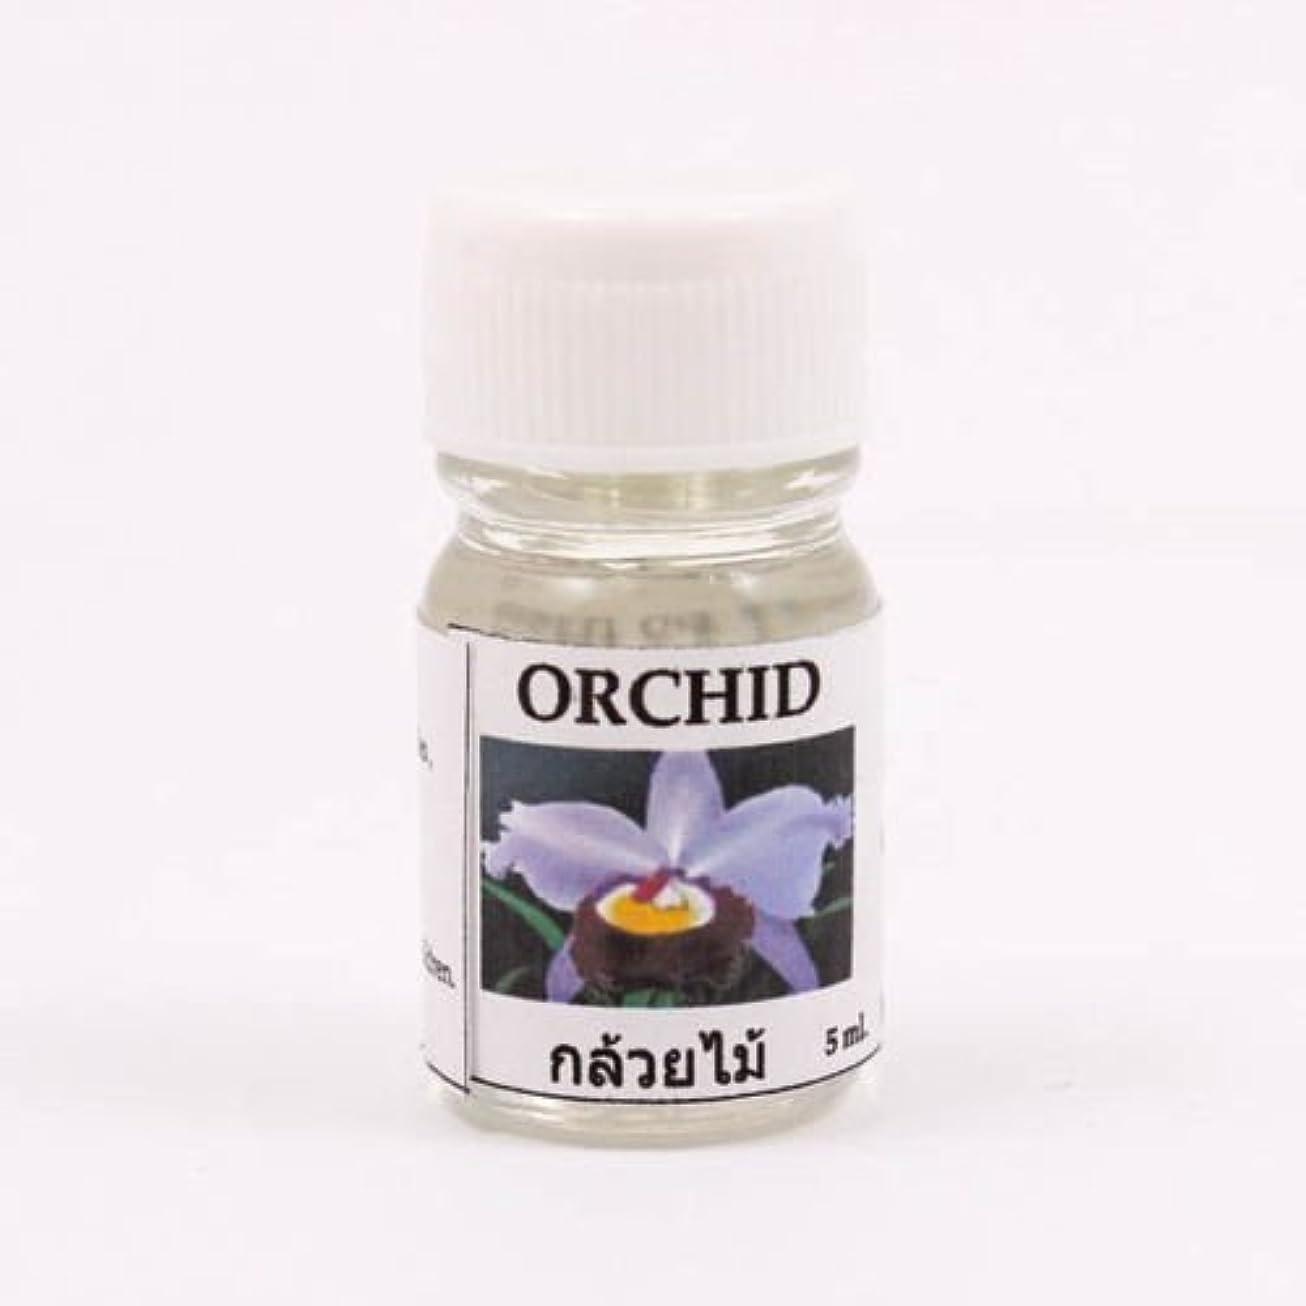 社説薄める調和6X Orchid Aroma Fragrance Essential Oil 5ML. (cc) Diffuser Burner Therapy